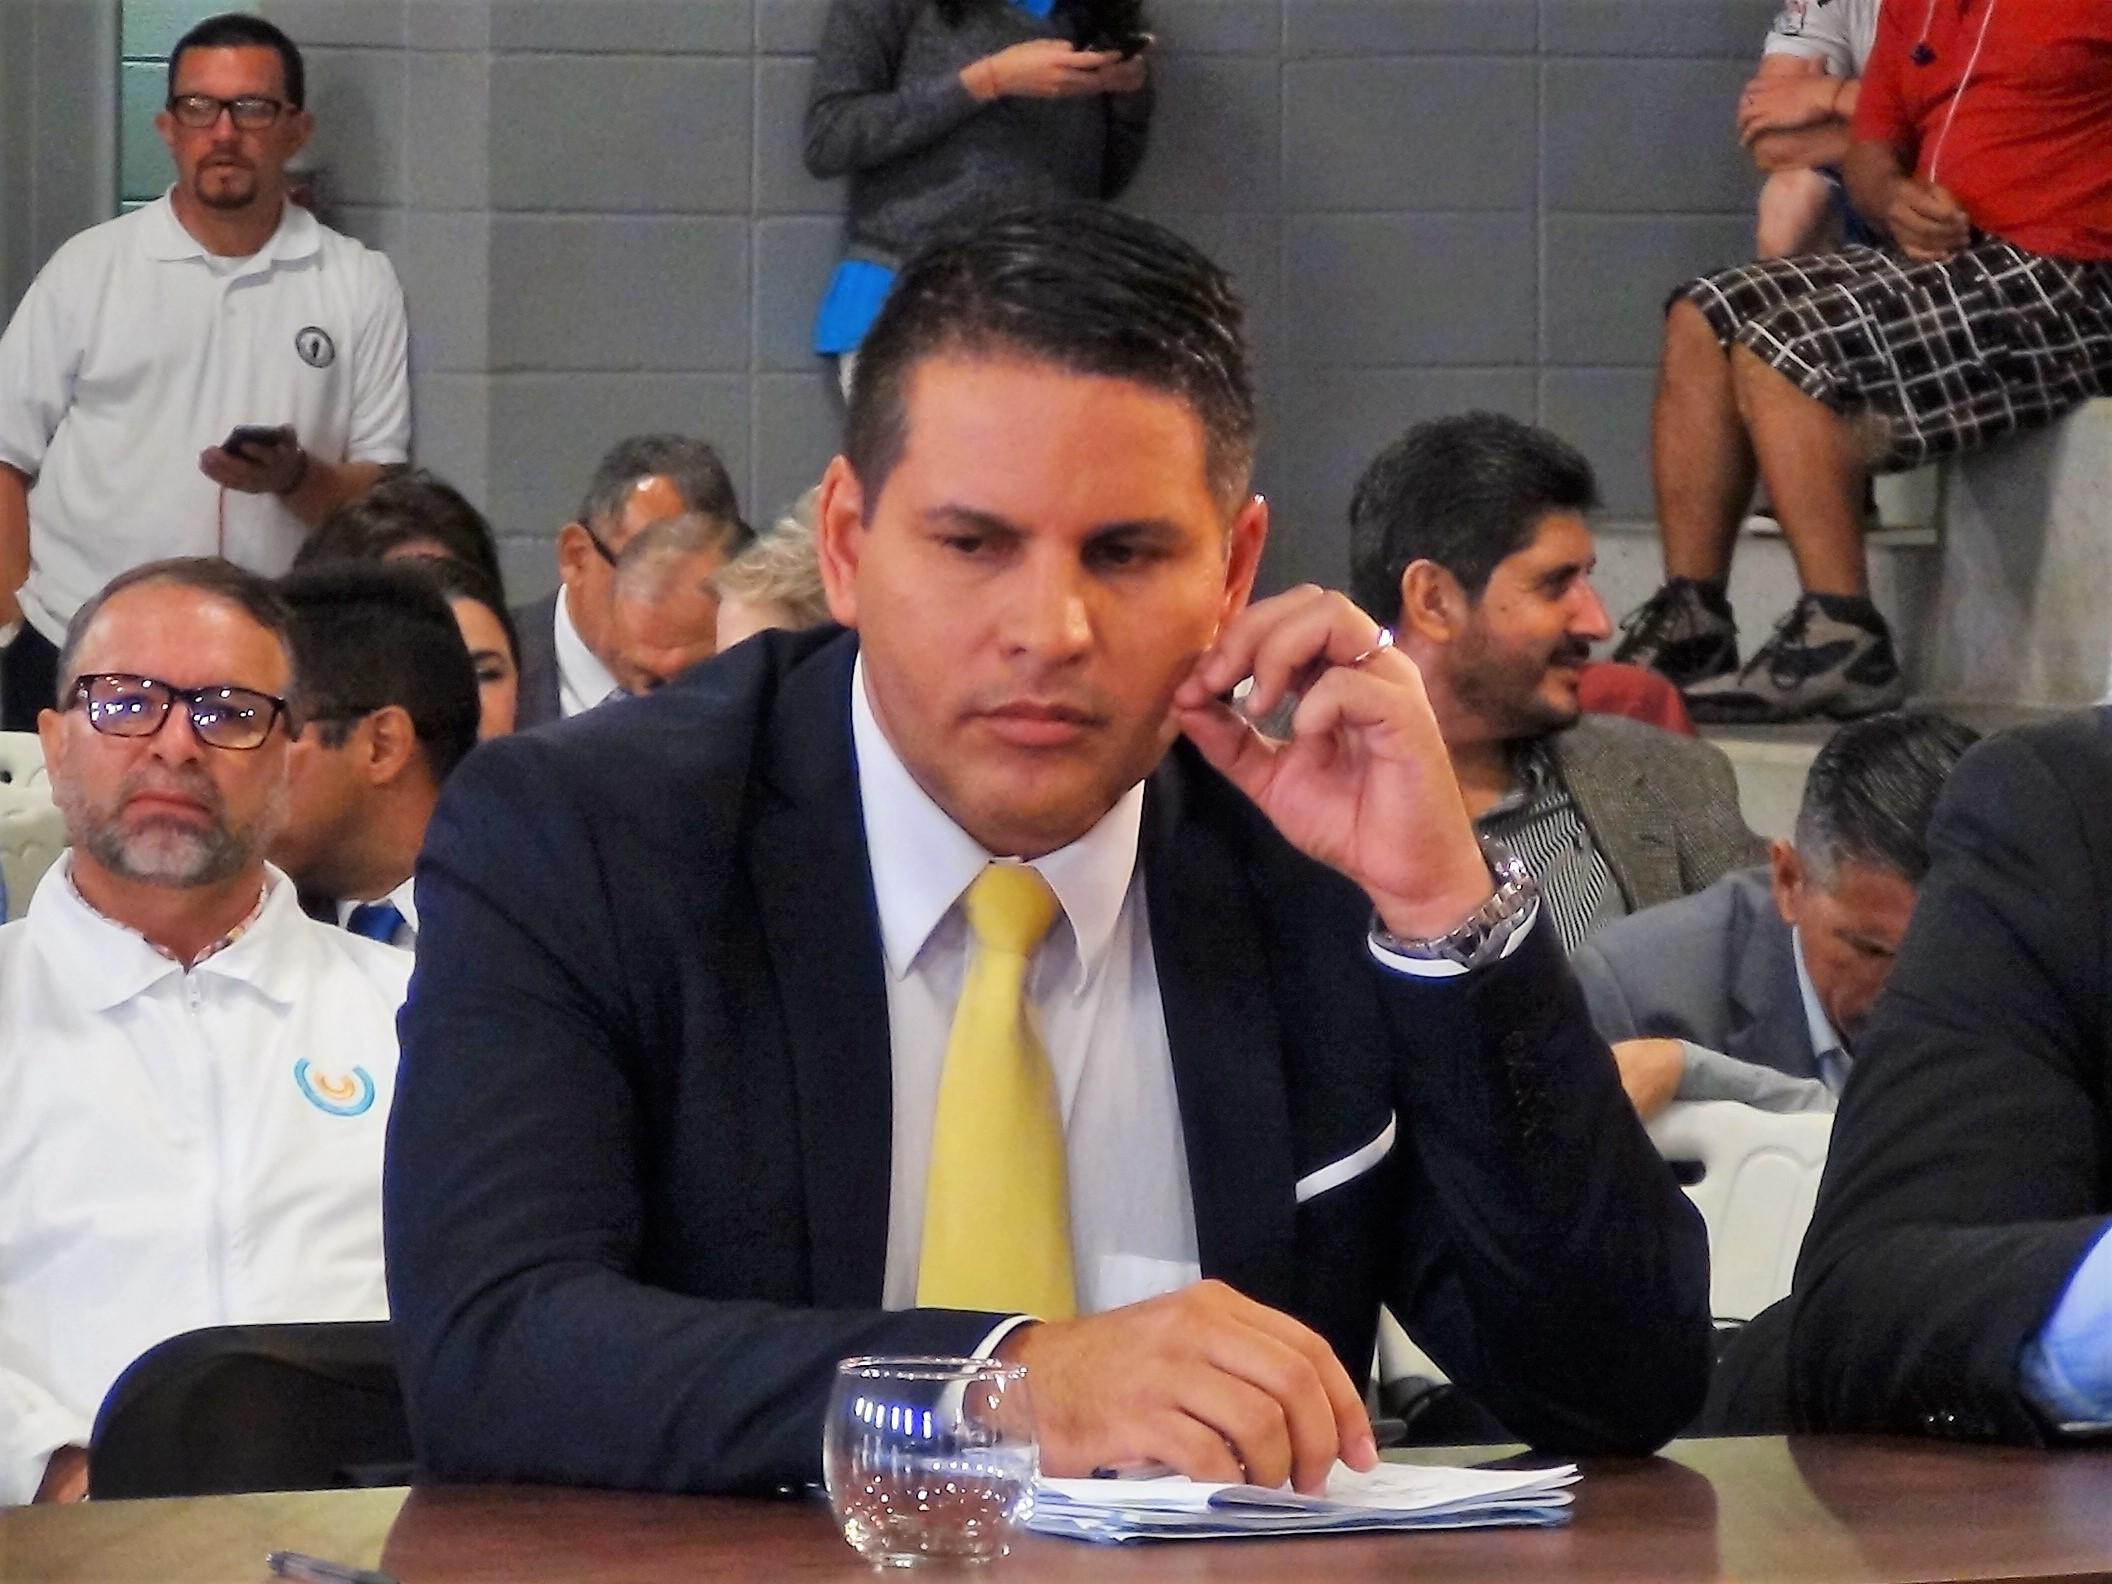 Fabricio Alvarado fue derrotado por más de 20 puntos en una elección donde el debate estuvo dominado por sus posiciones religiosas y homofóbicas